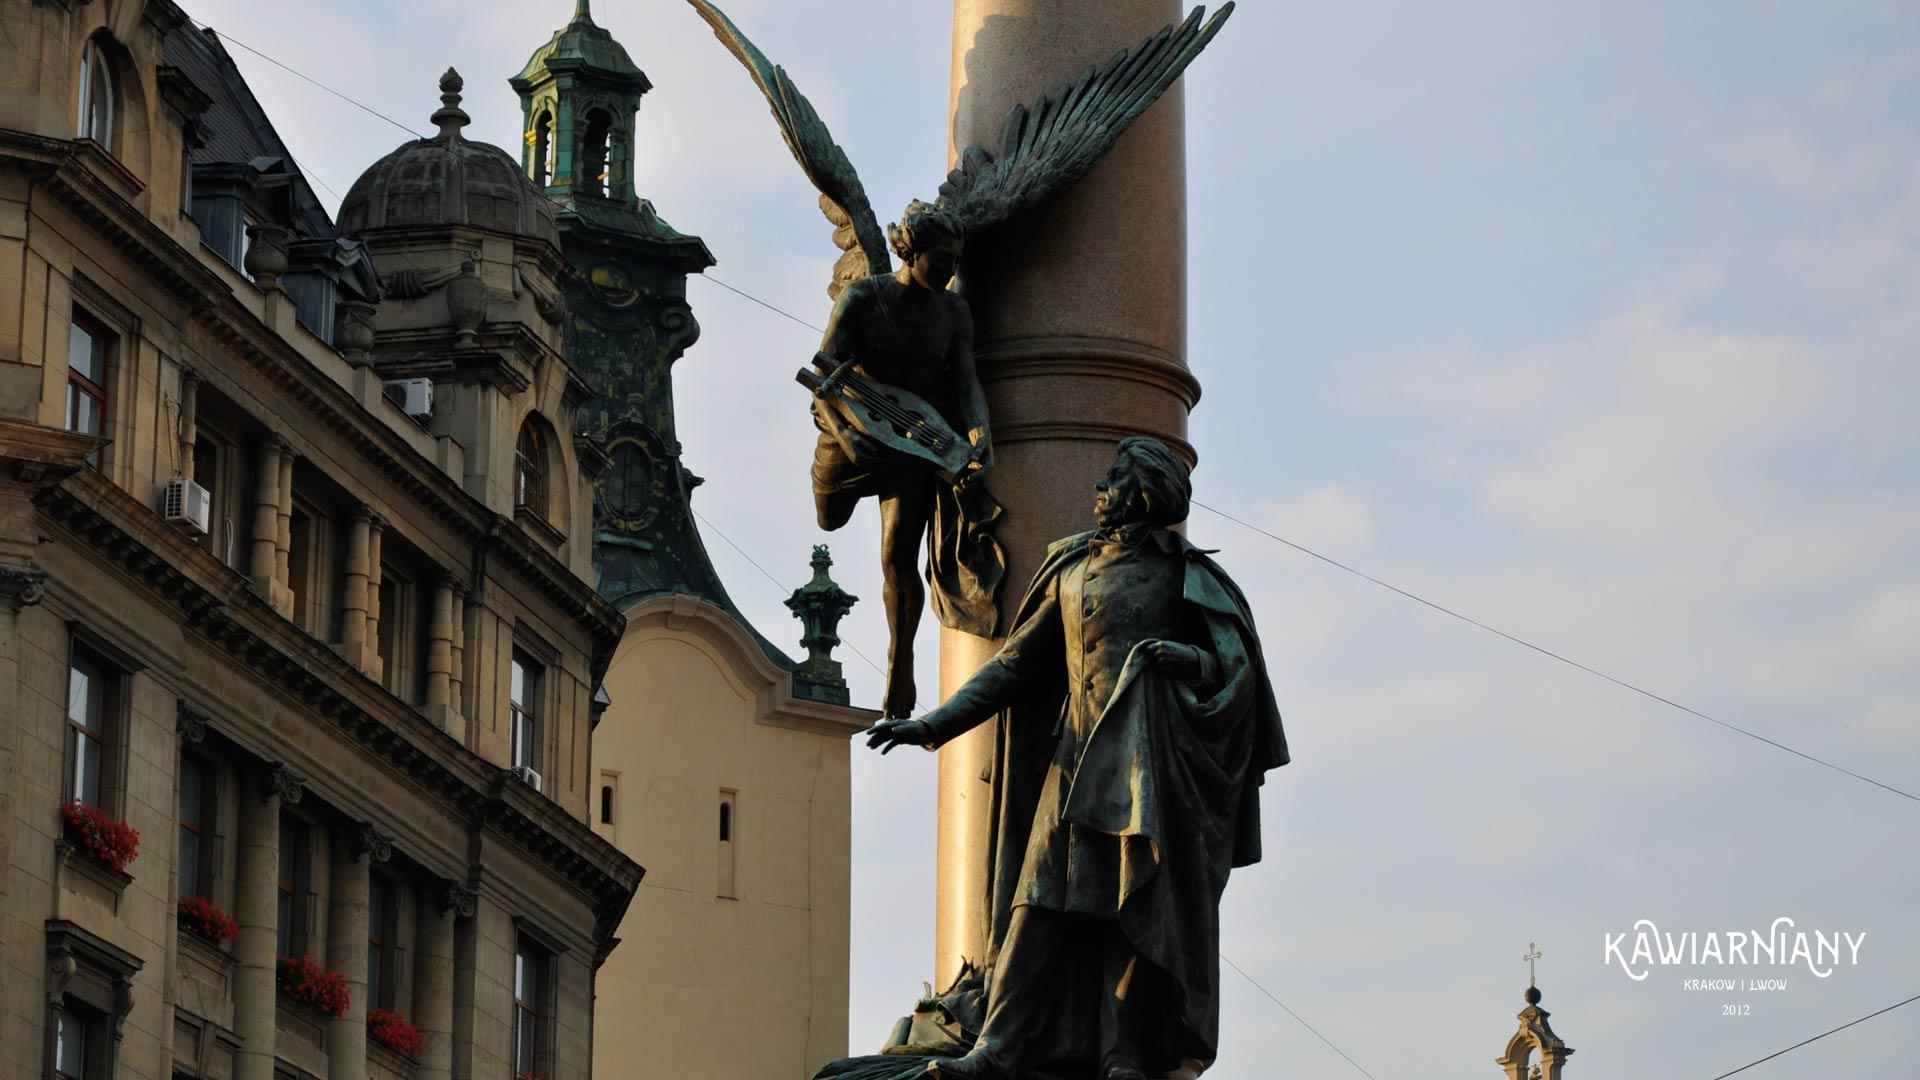 Pomnik Adama Mickiewicza we Lwowie. Na otwarcie przyjechał sam Mickiewicz!